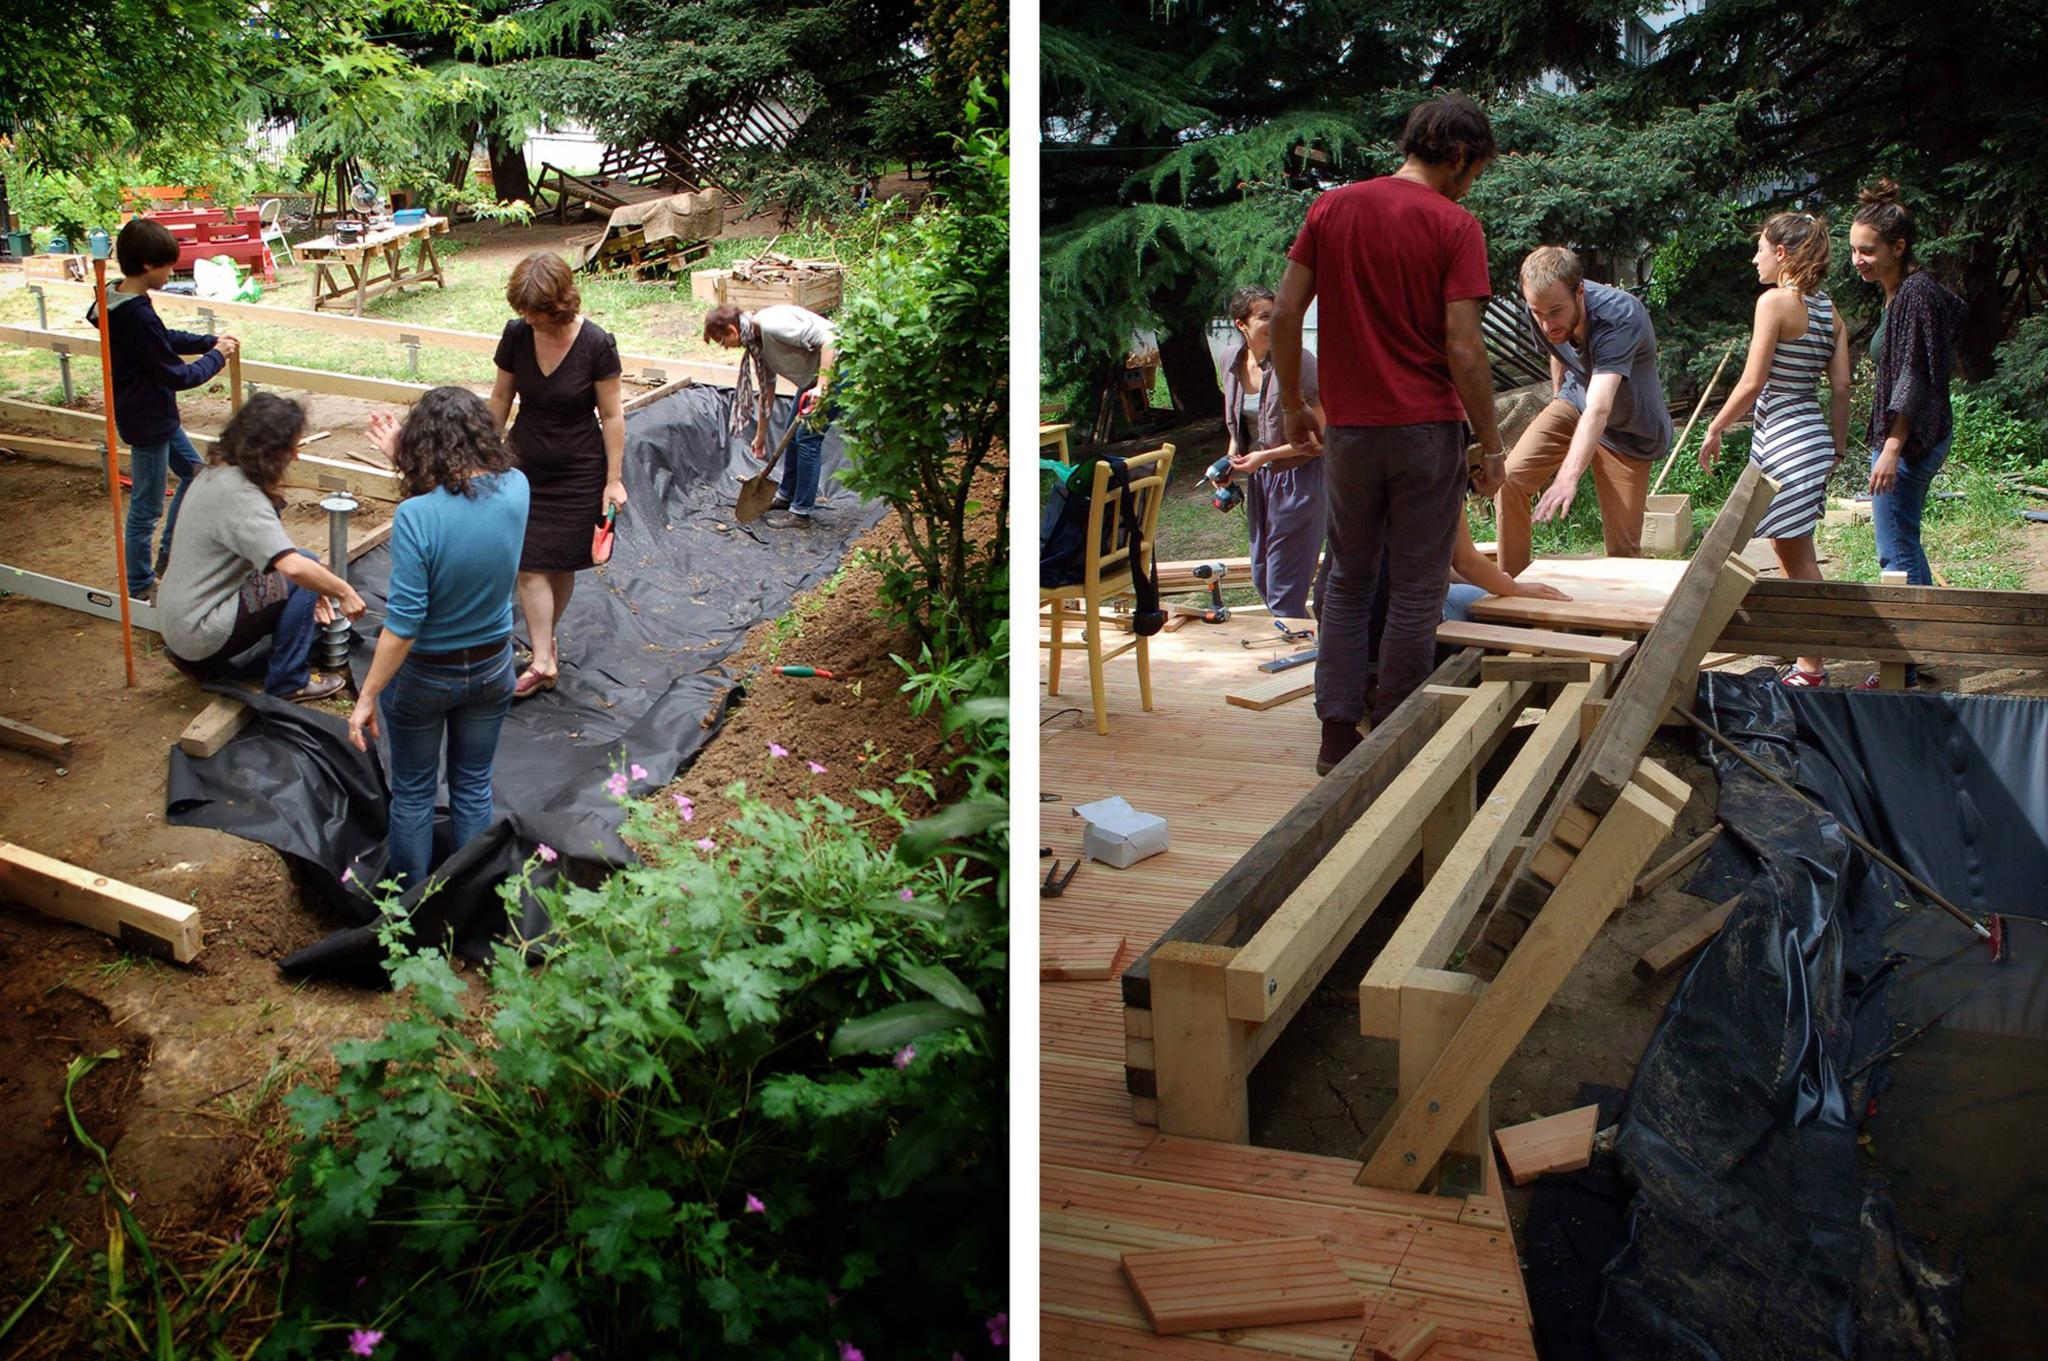 YA+K - yaplusk - Baleine Verte - chantier participatif à Paris 12ème (11)